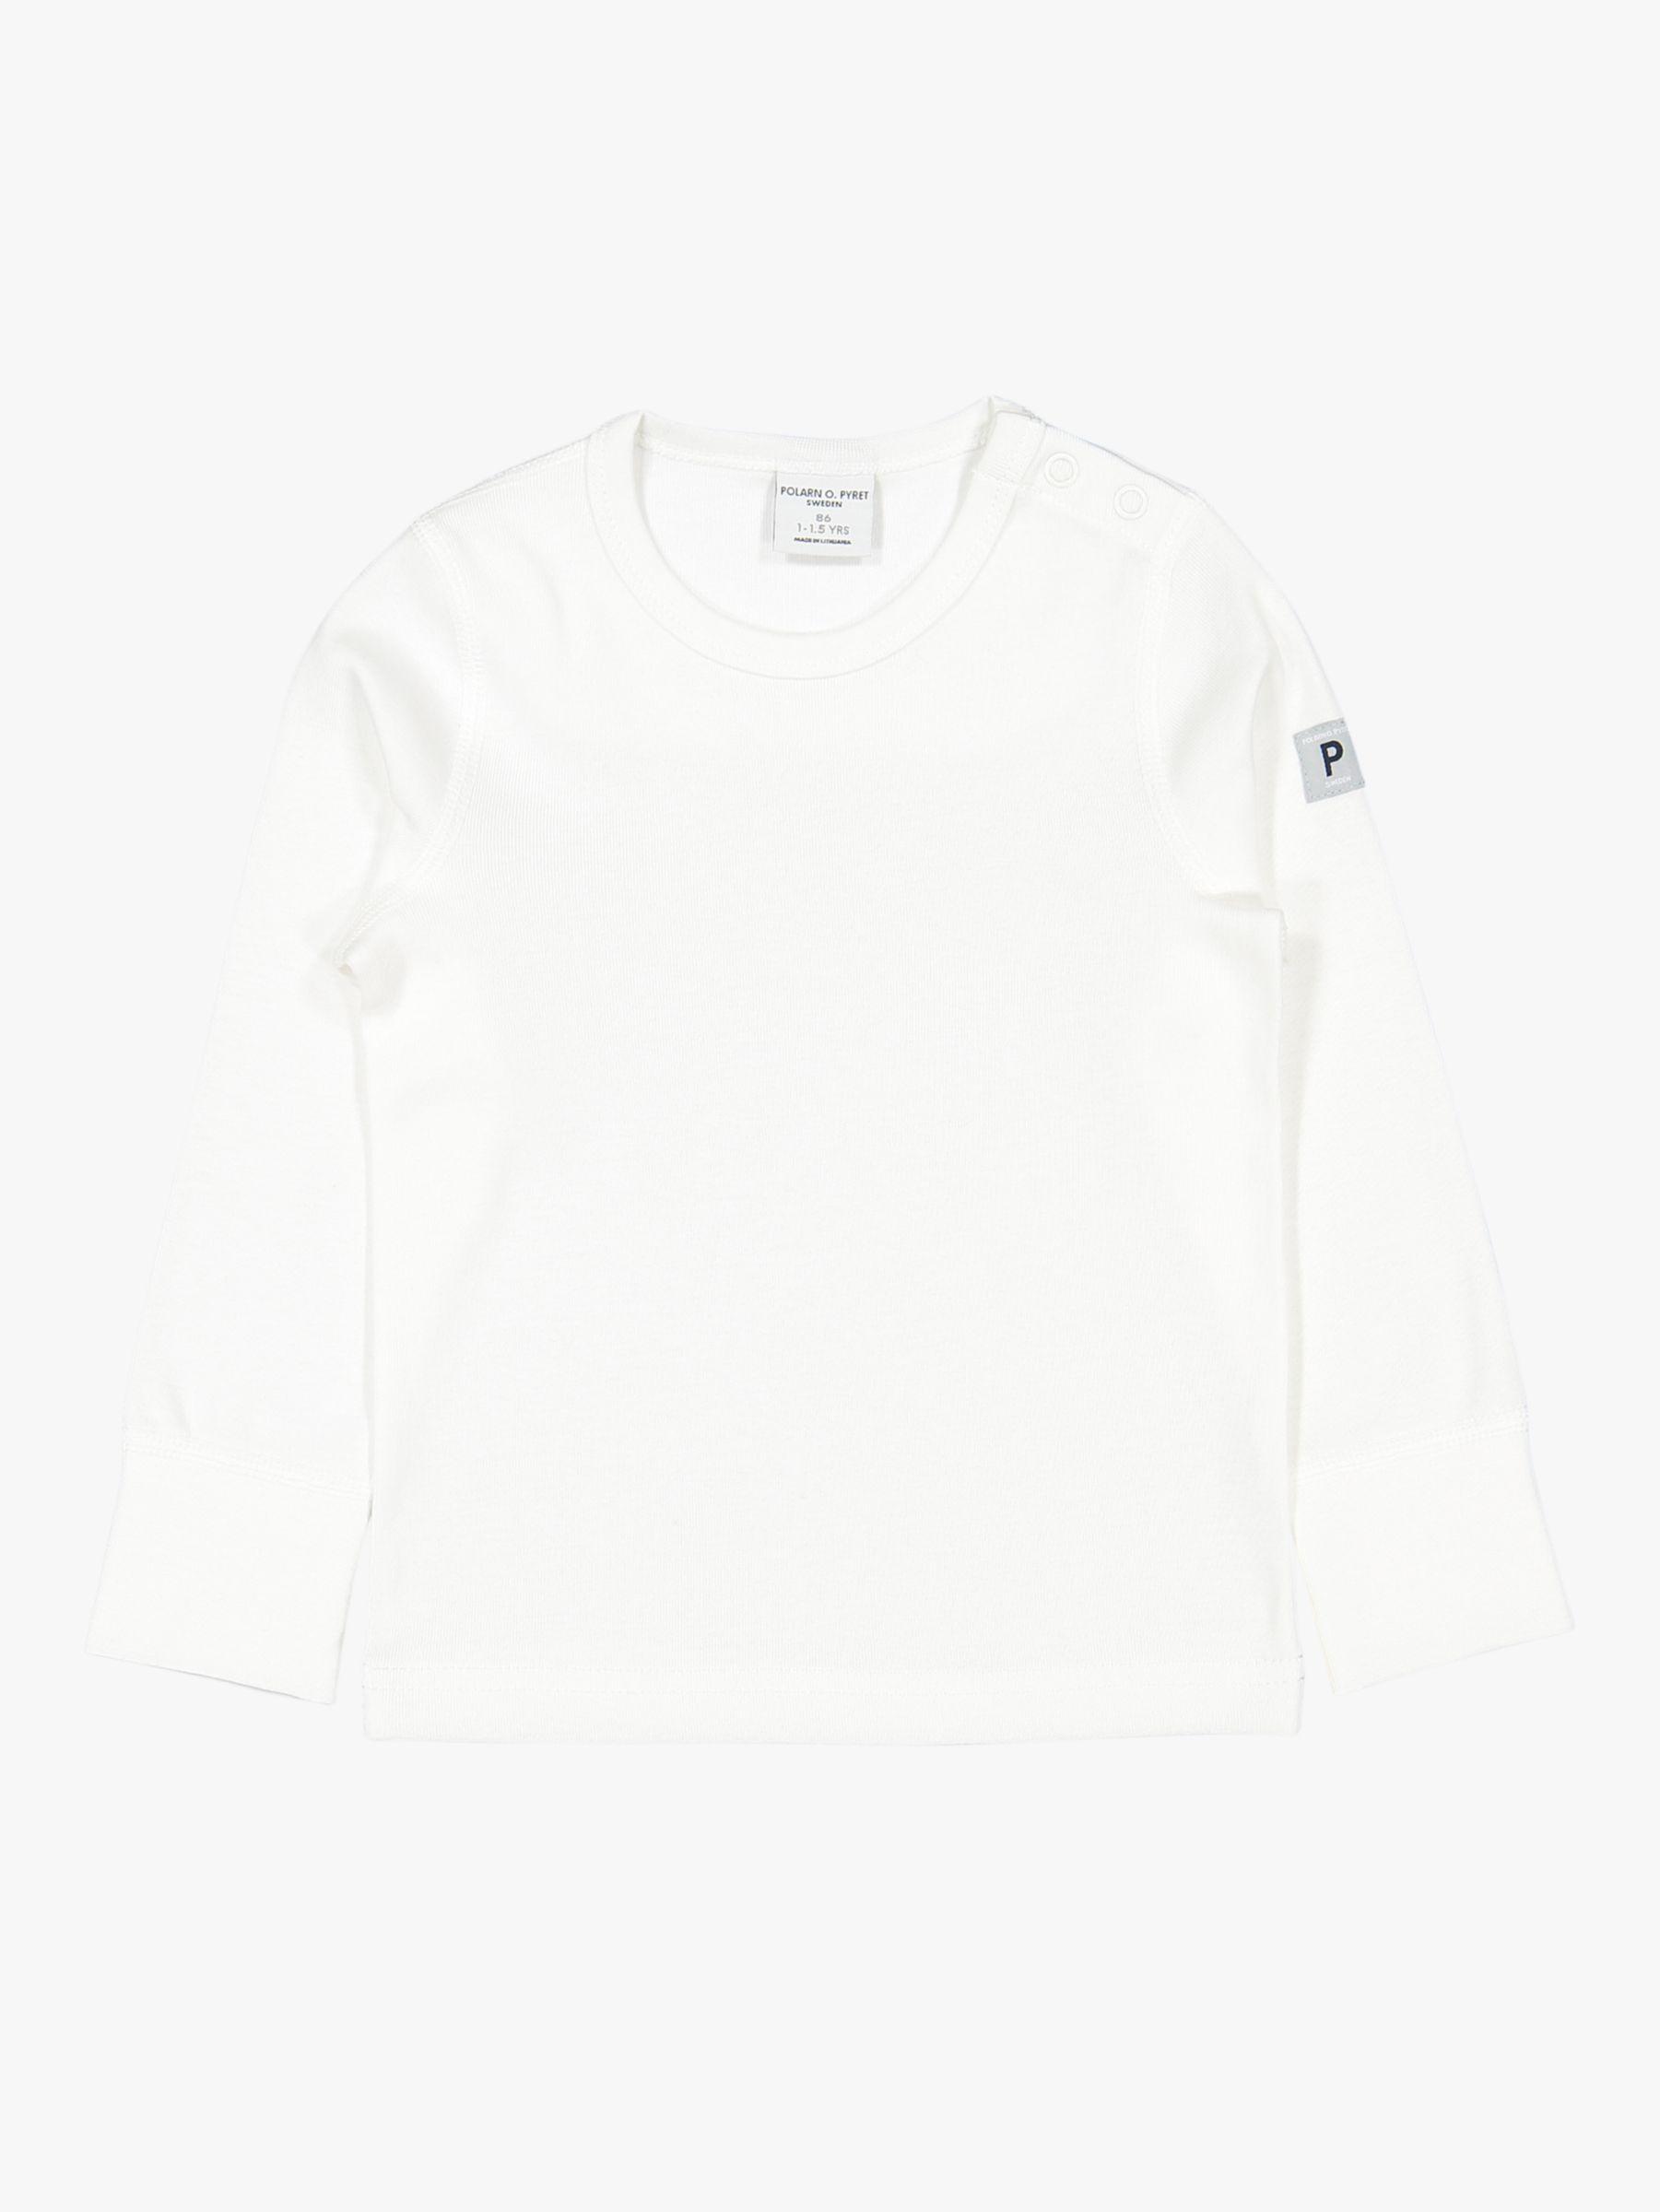 Polarn O. Pyret Polarn O. Pyret Baby GOTS Organic Cotton Long Sleeve Top, White